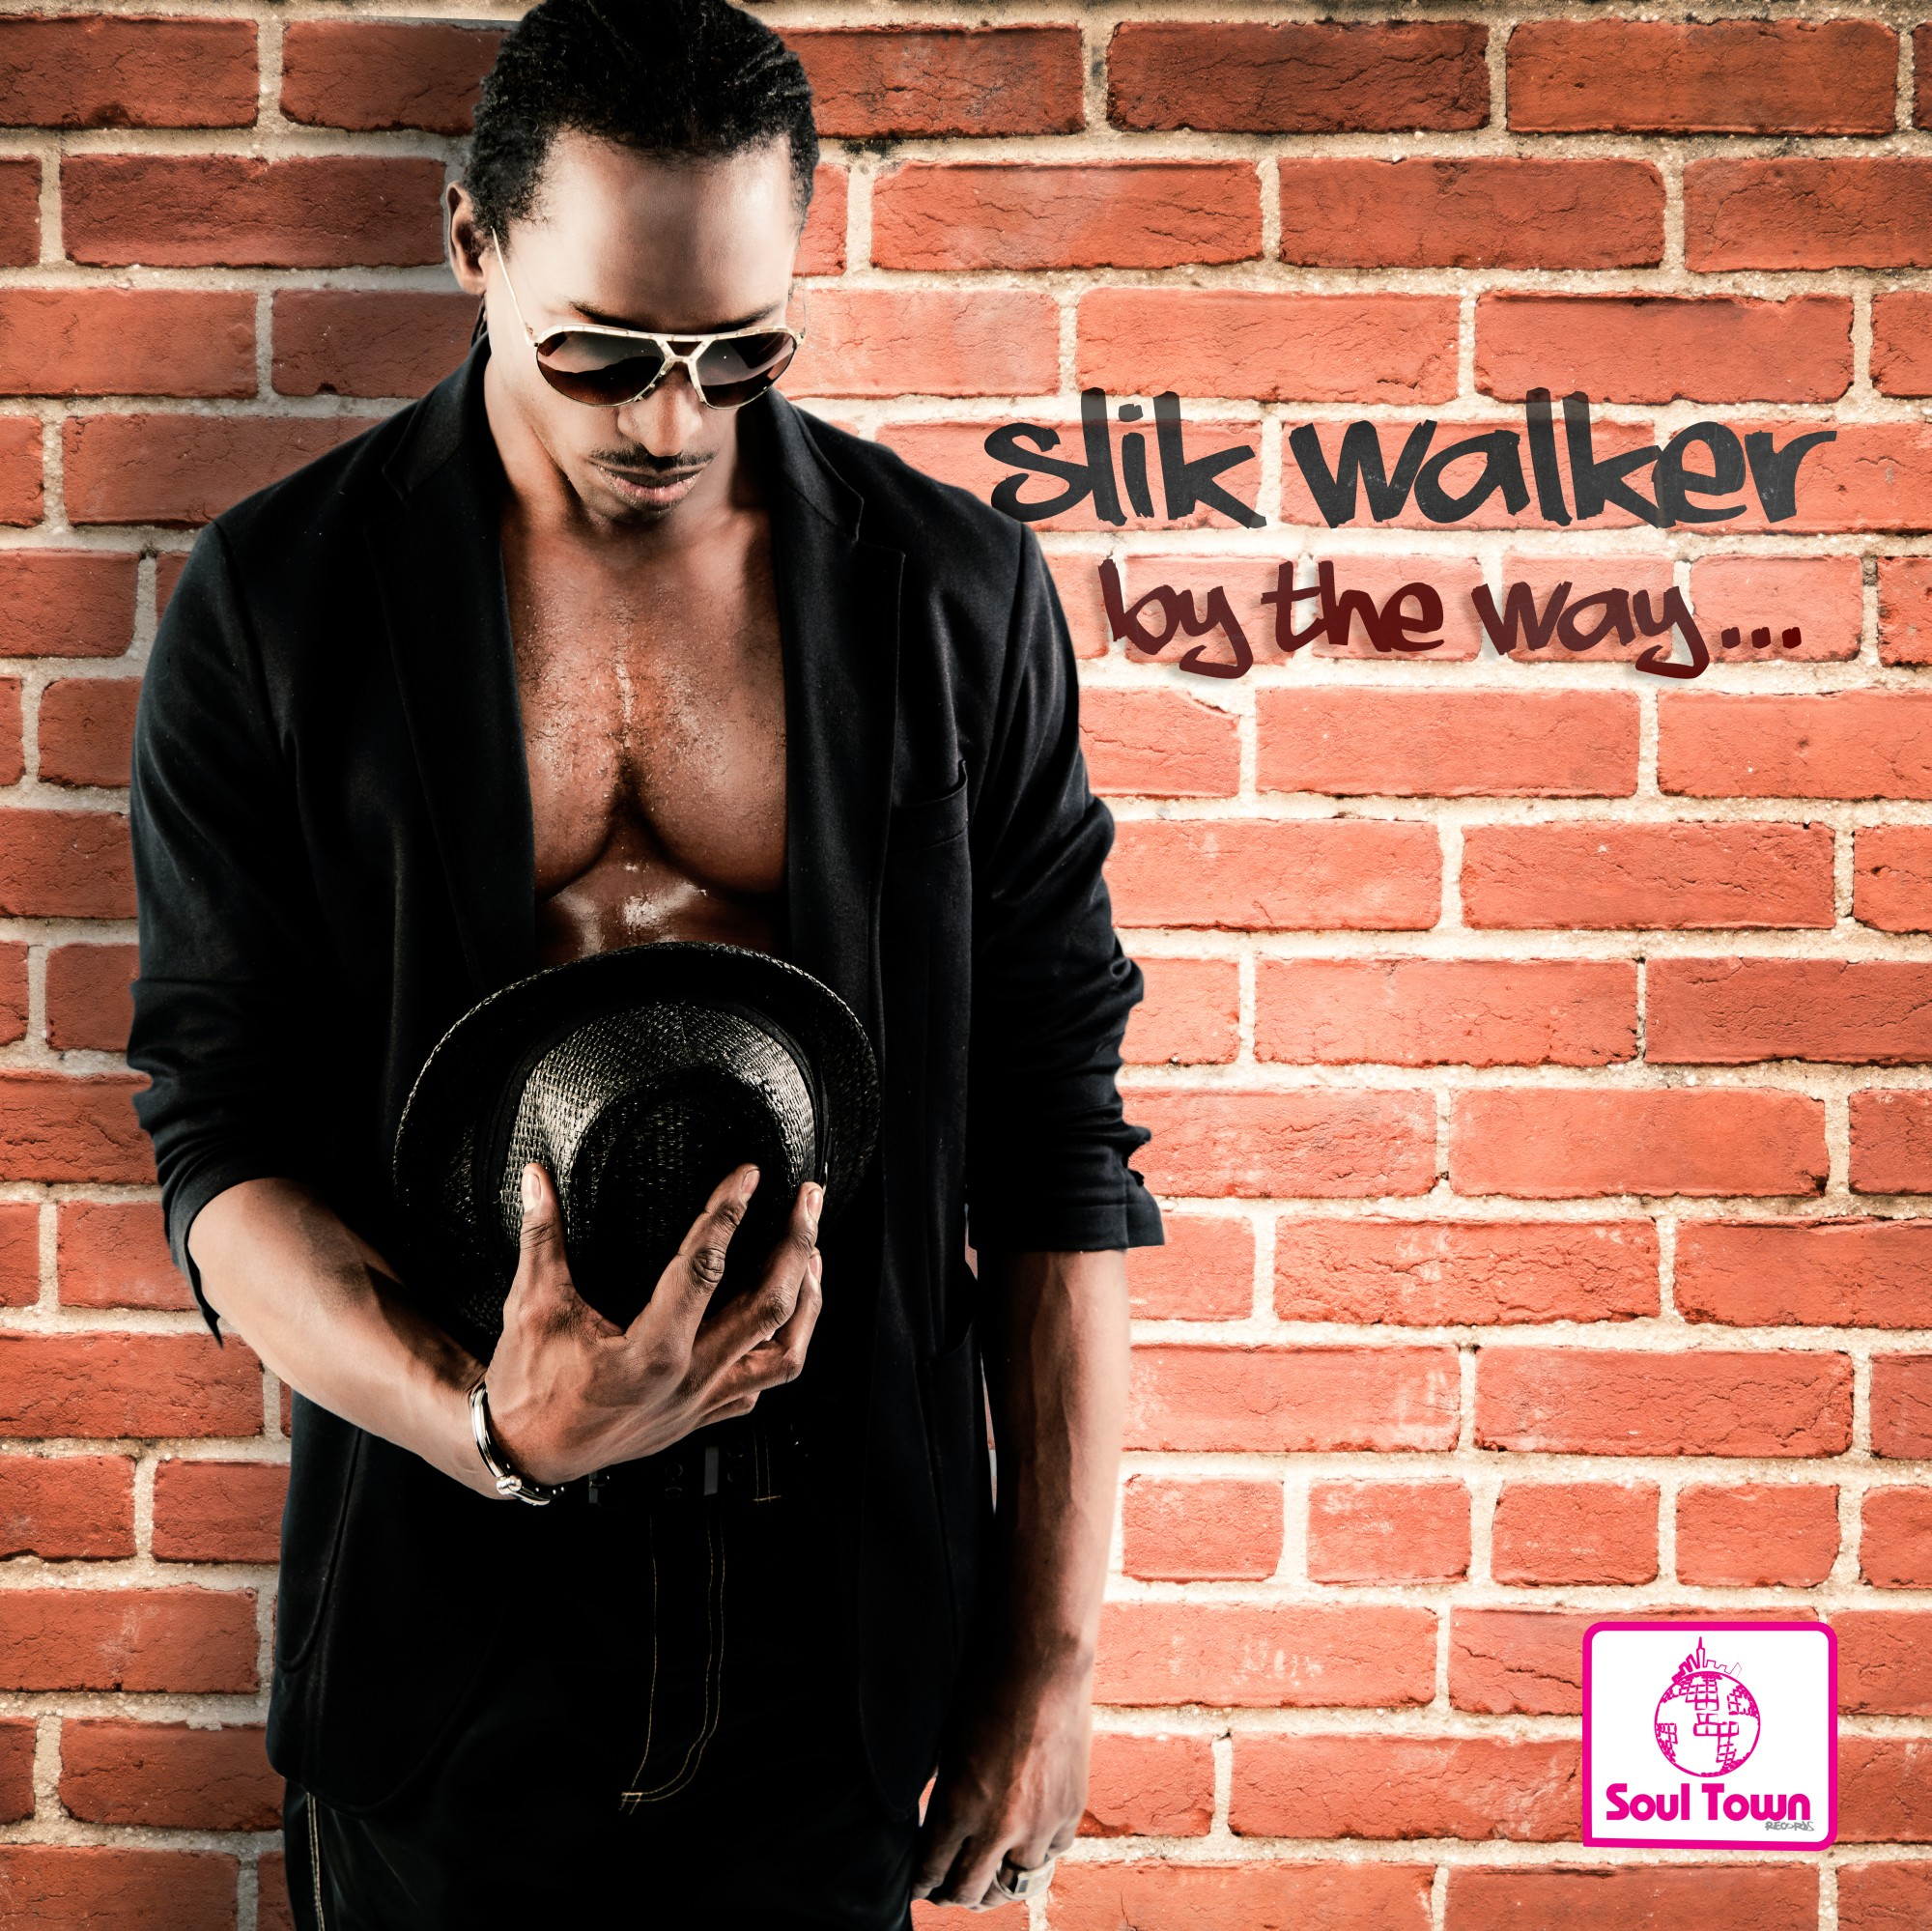 Slik Walker